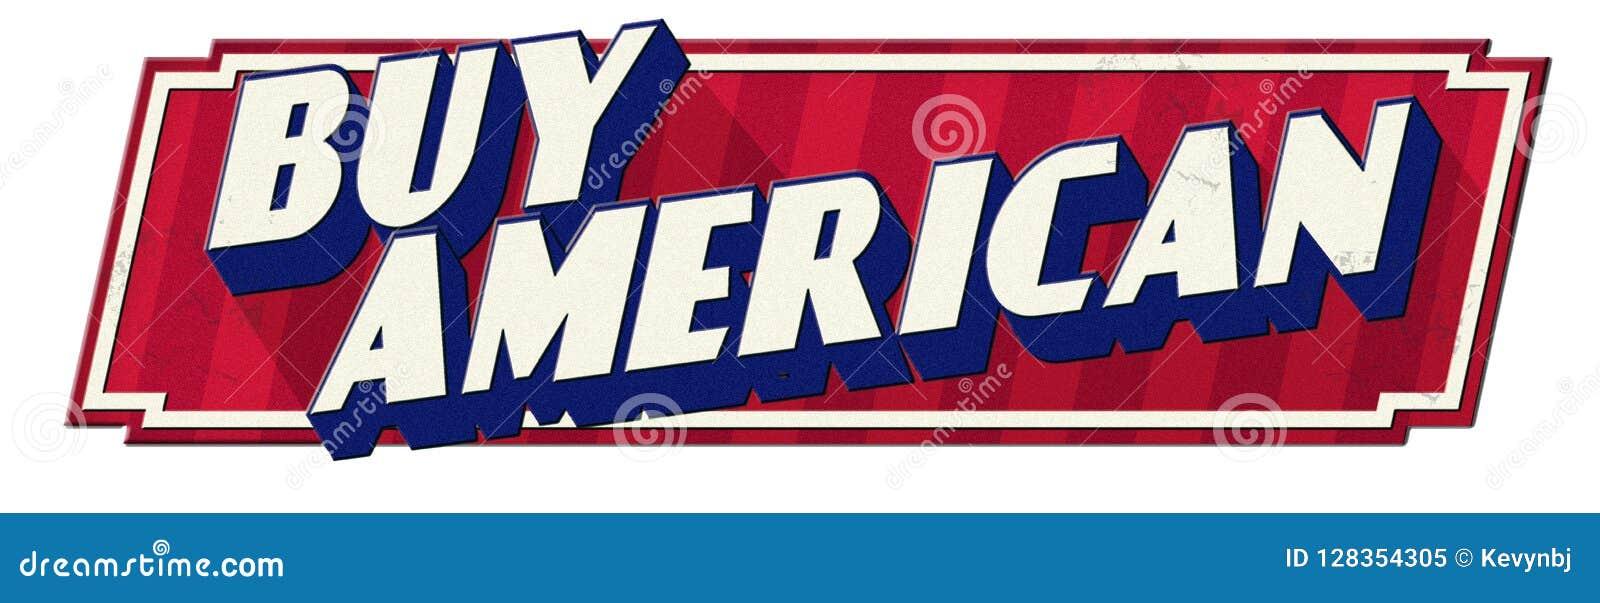 Buy American Tin Sign Retro Vintage Look